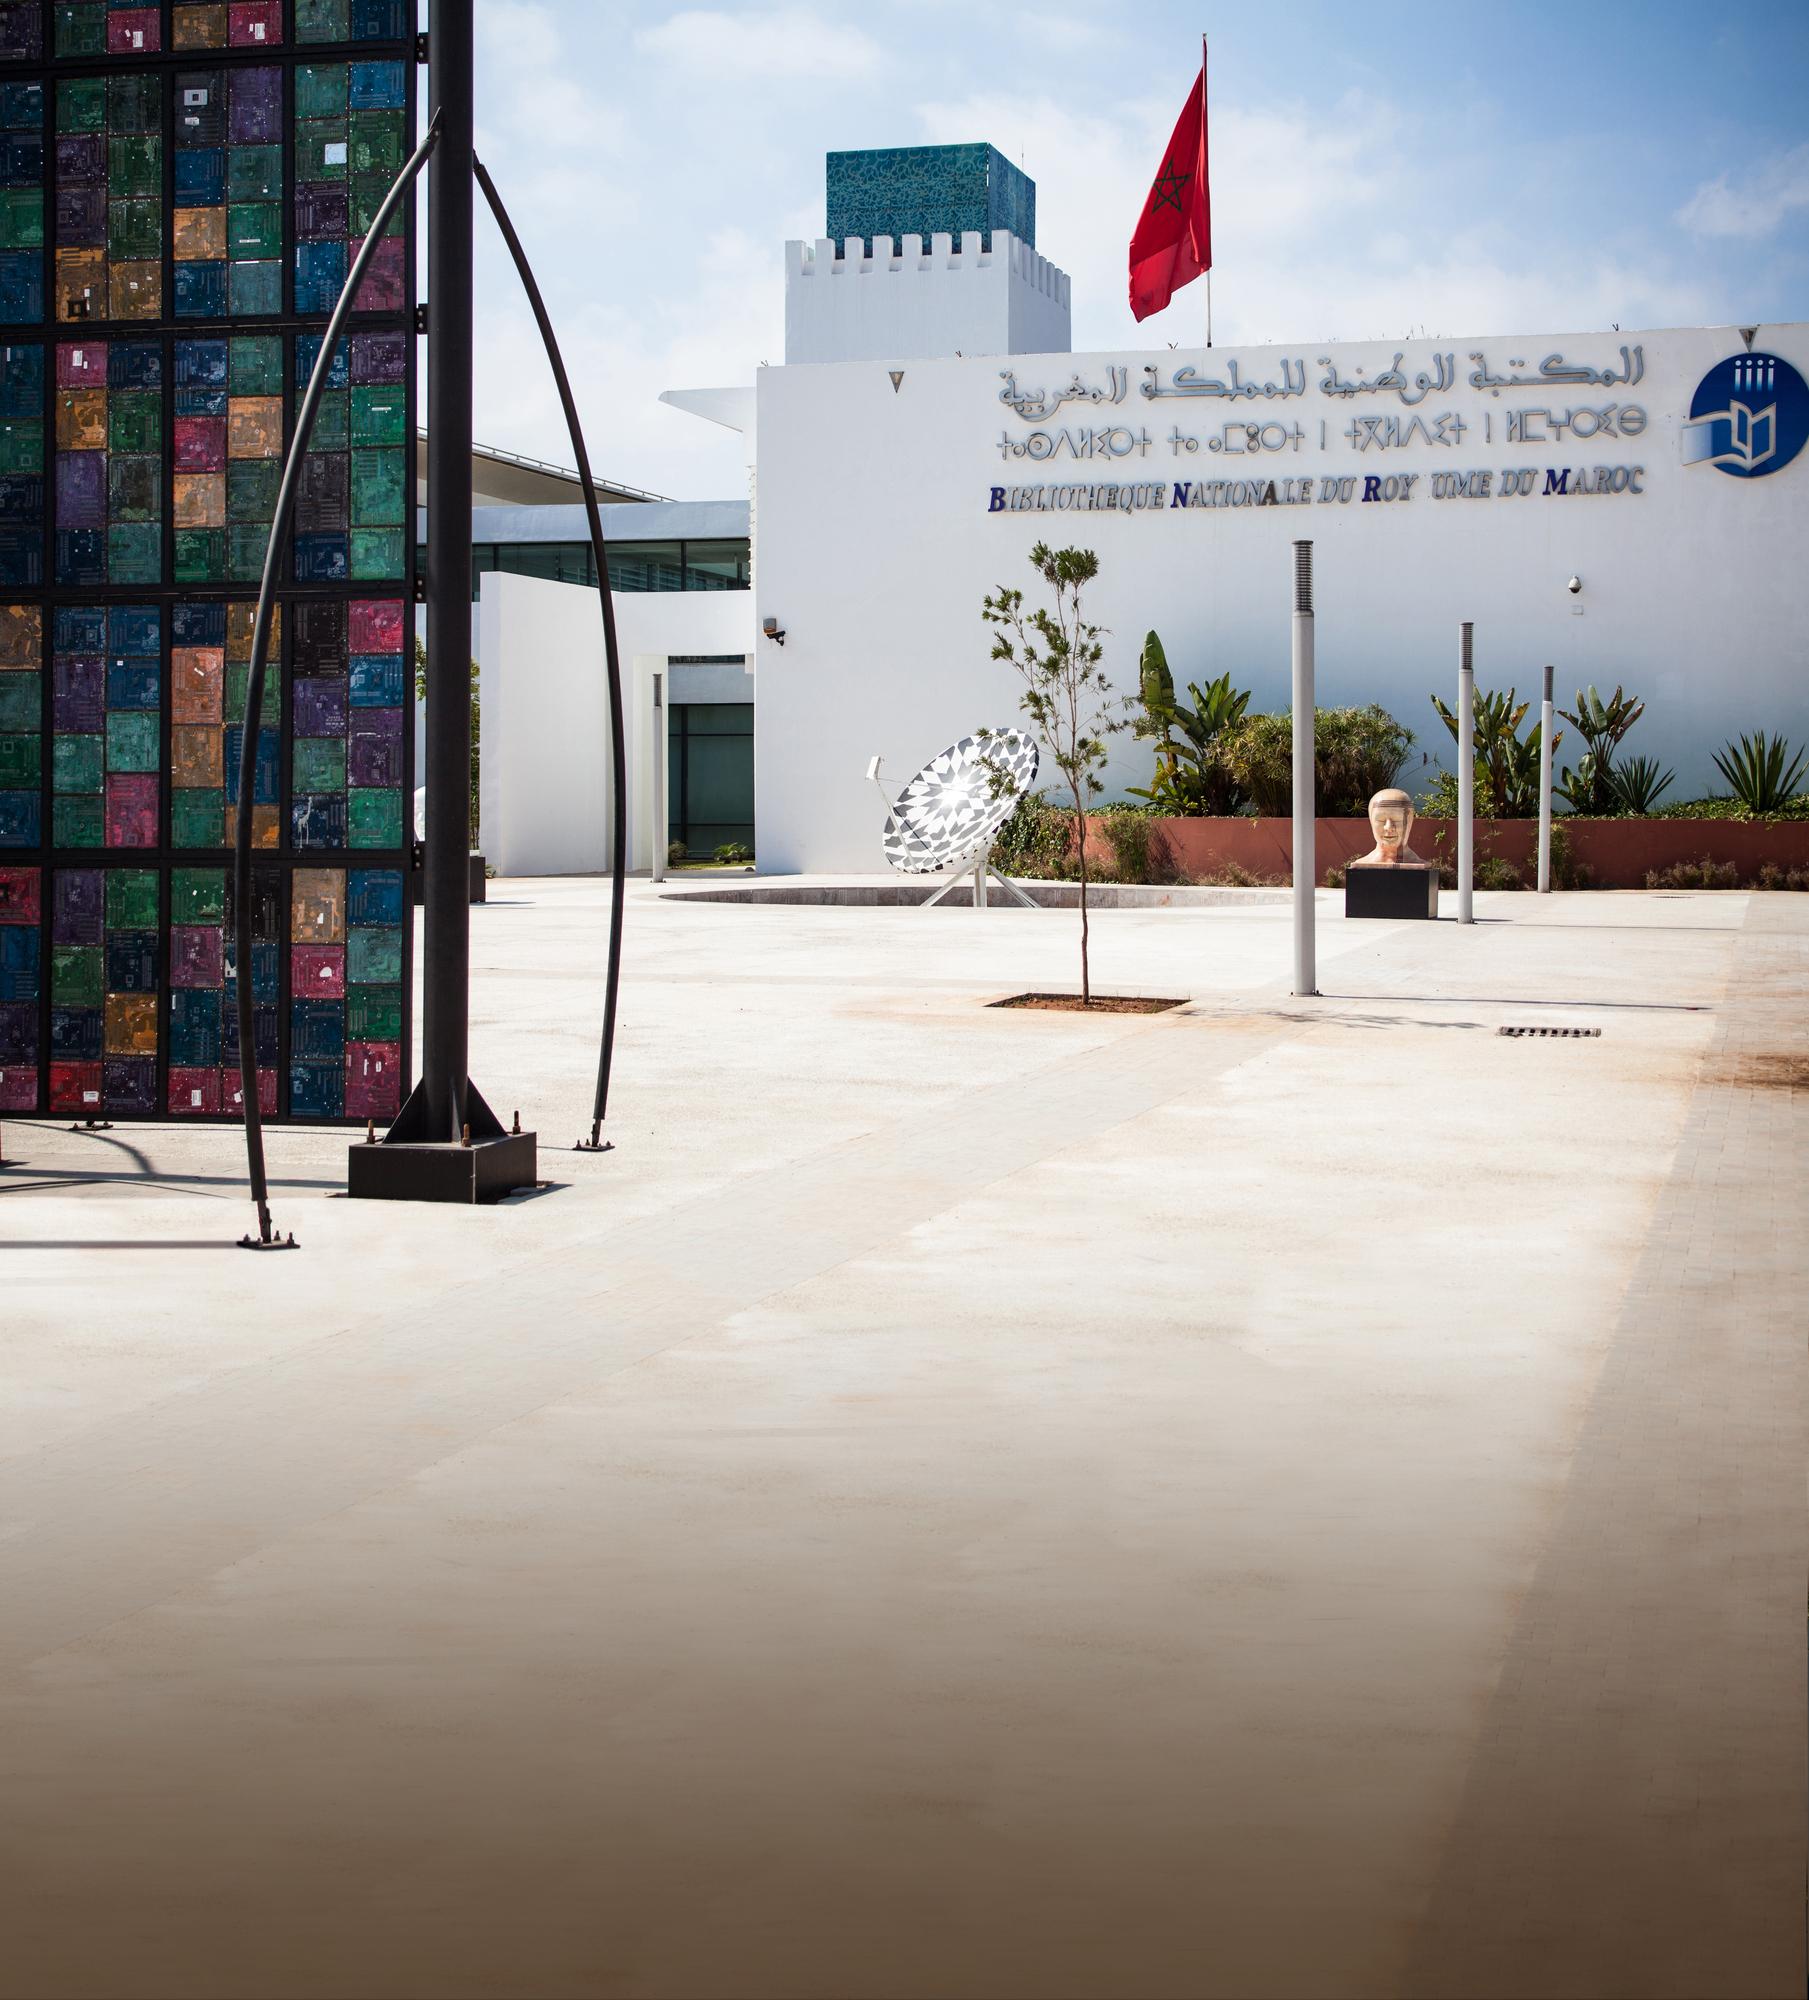 La bibliothèque de la dynastie alaouite, à Rabat, a été inaugurée en 2015.